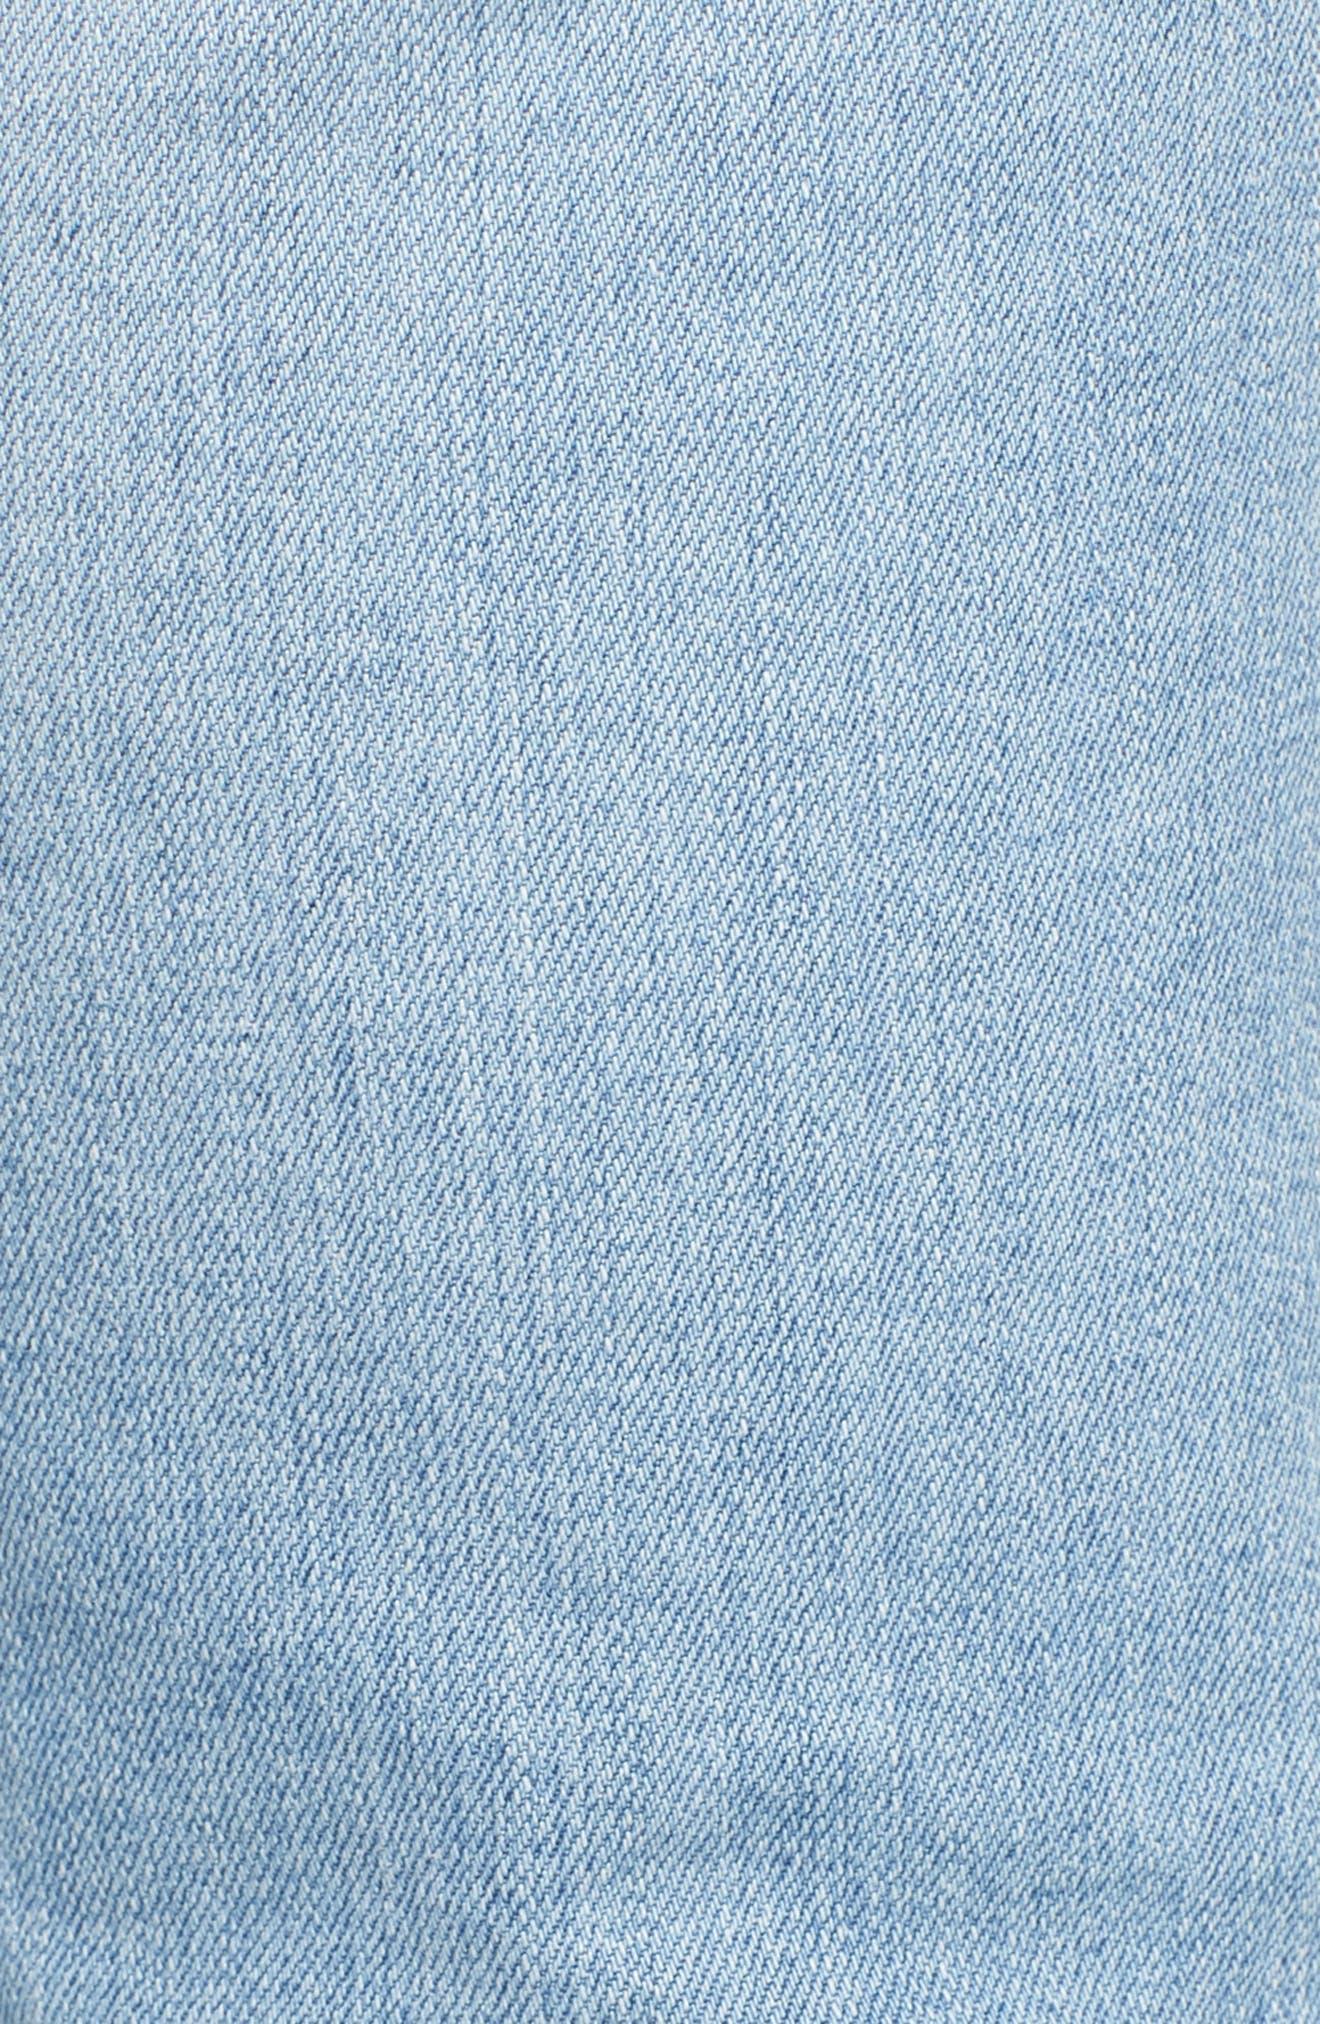 Stockton Skinny Fit Jeans,                             Alternate thumbnail 5, color,                             494